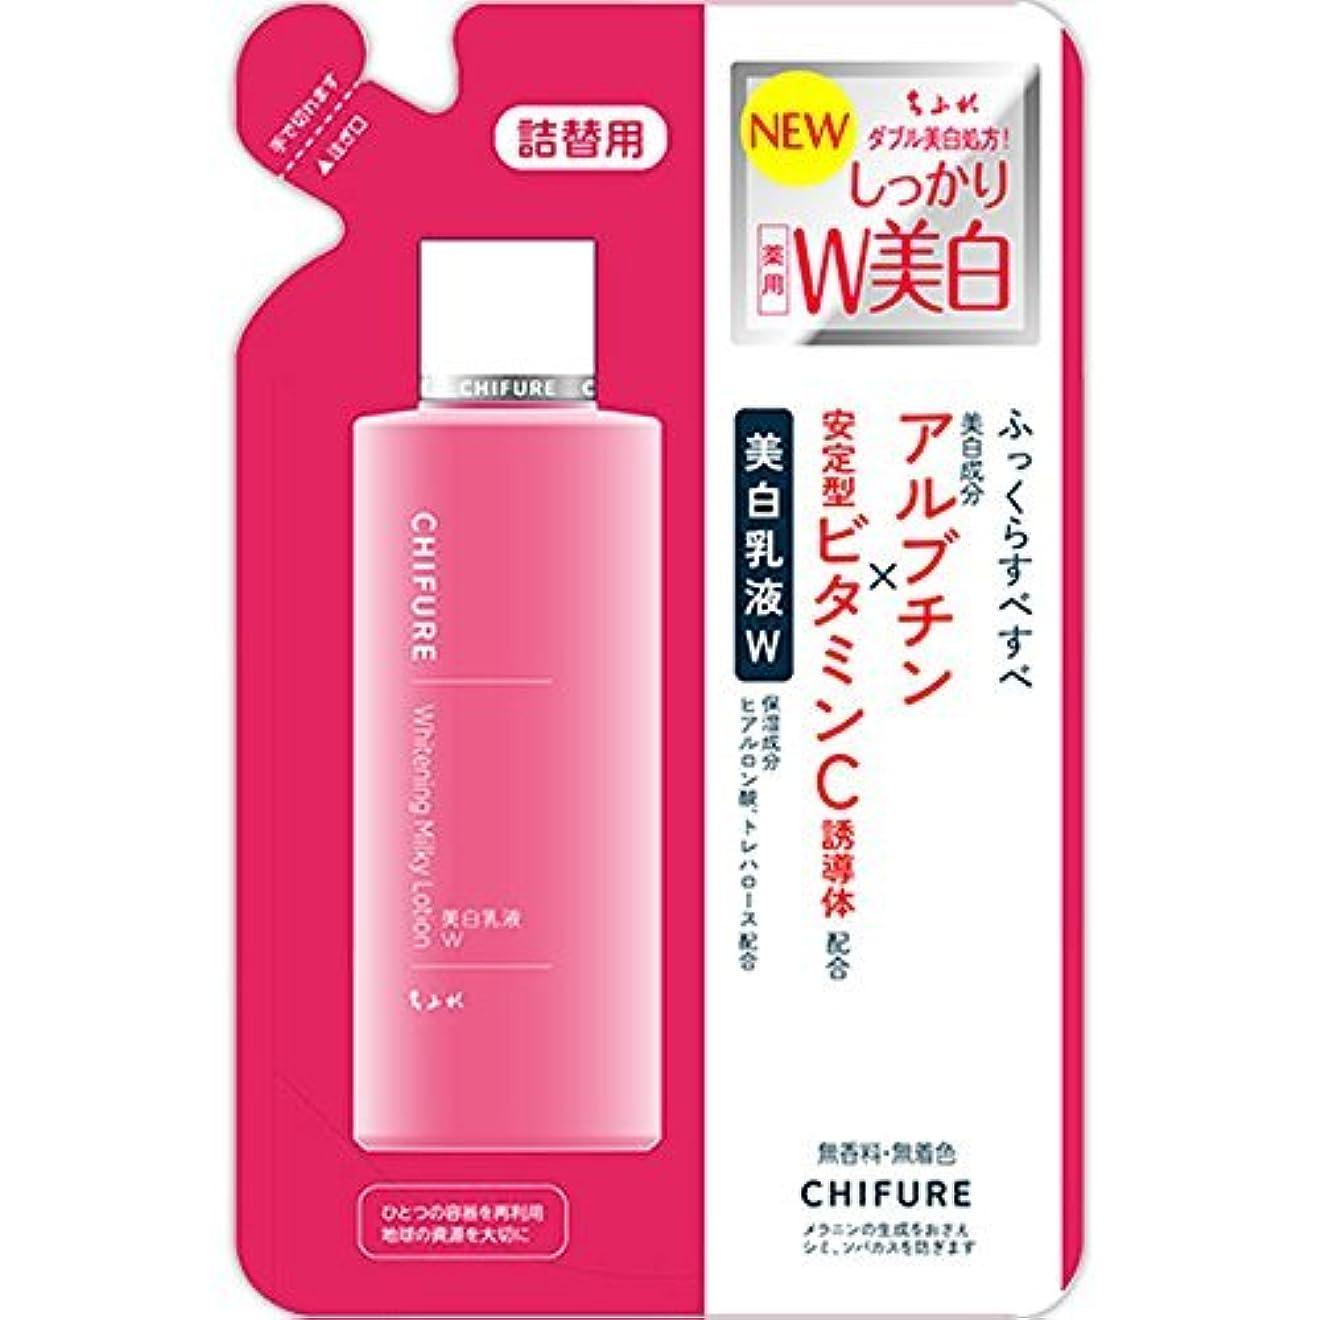 光沢ふつうサッカーちふれ化粧品 美白乳液 W 詰替 150ML (医薬部外品)